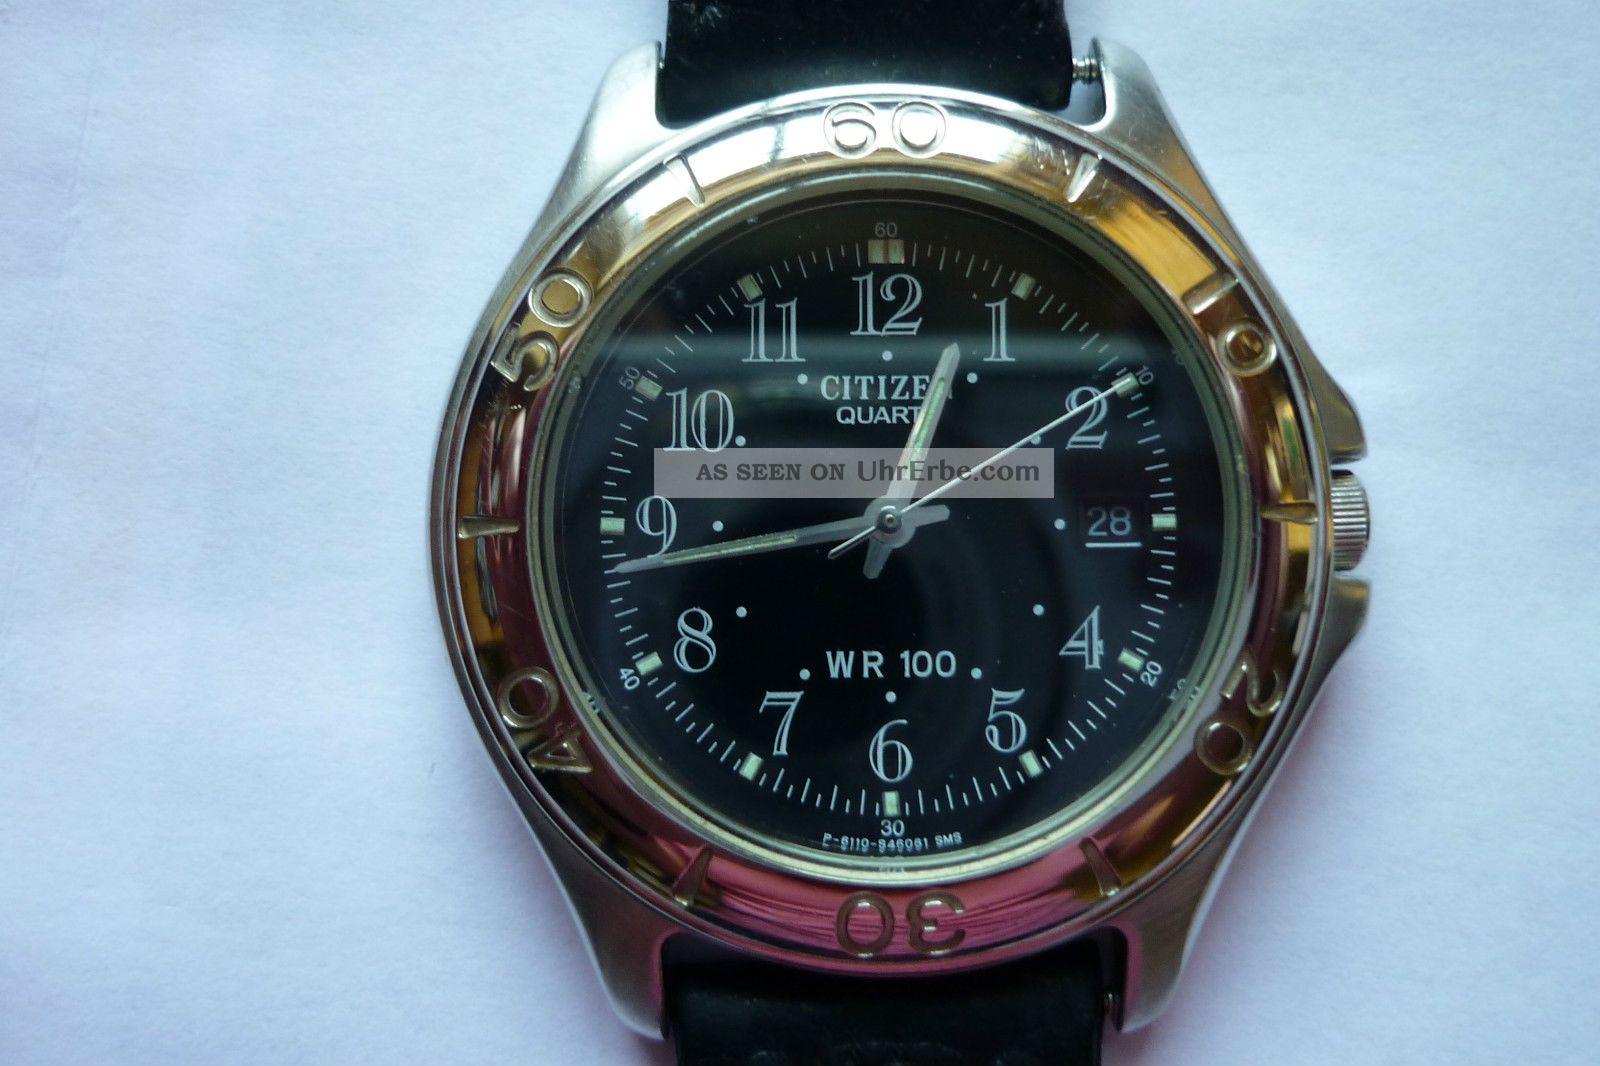 Citizen Herrenarmbanduhr Wr 100 Armbanduhren Bild